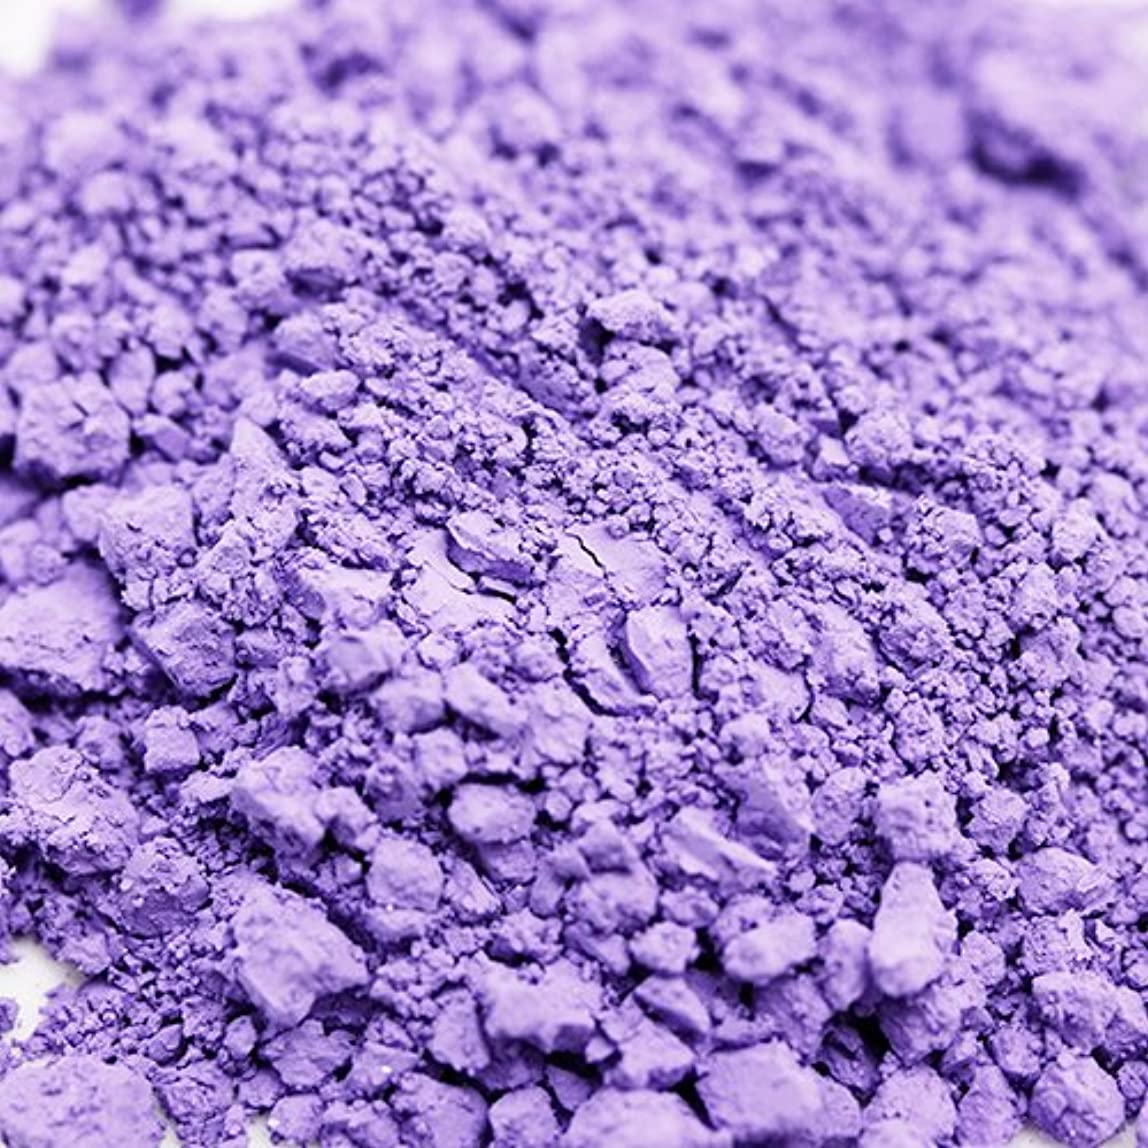 ウルトラマリン バイオレット 20g 【手作り石鹸/手作りコスメ/色付け/カラーラント/紫】